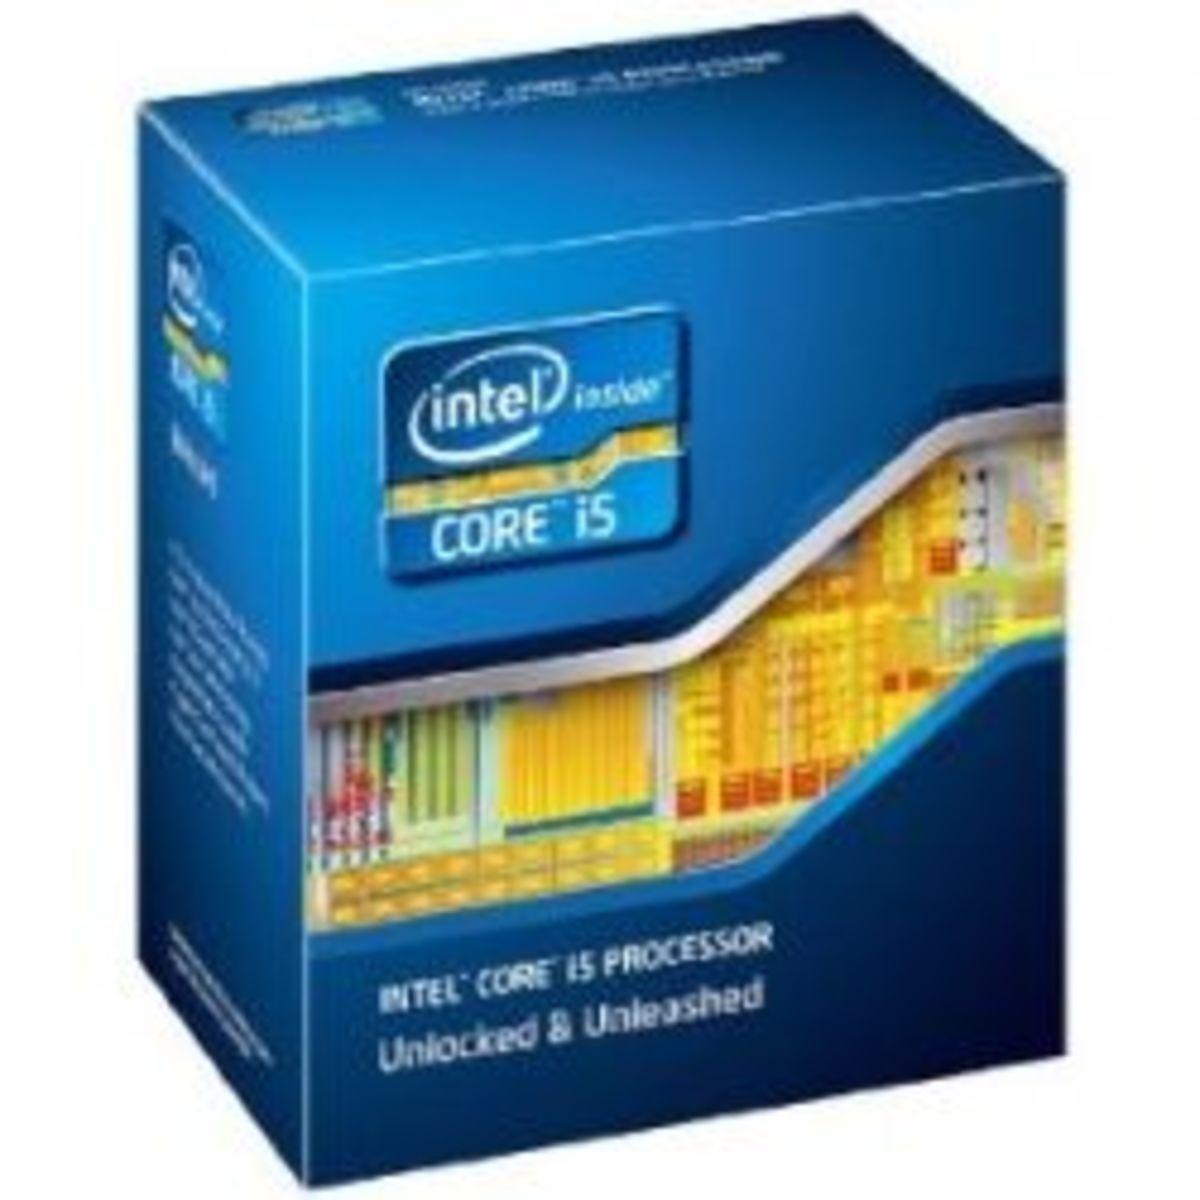 Best i5-2500k Motherboard?